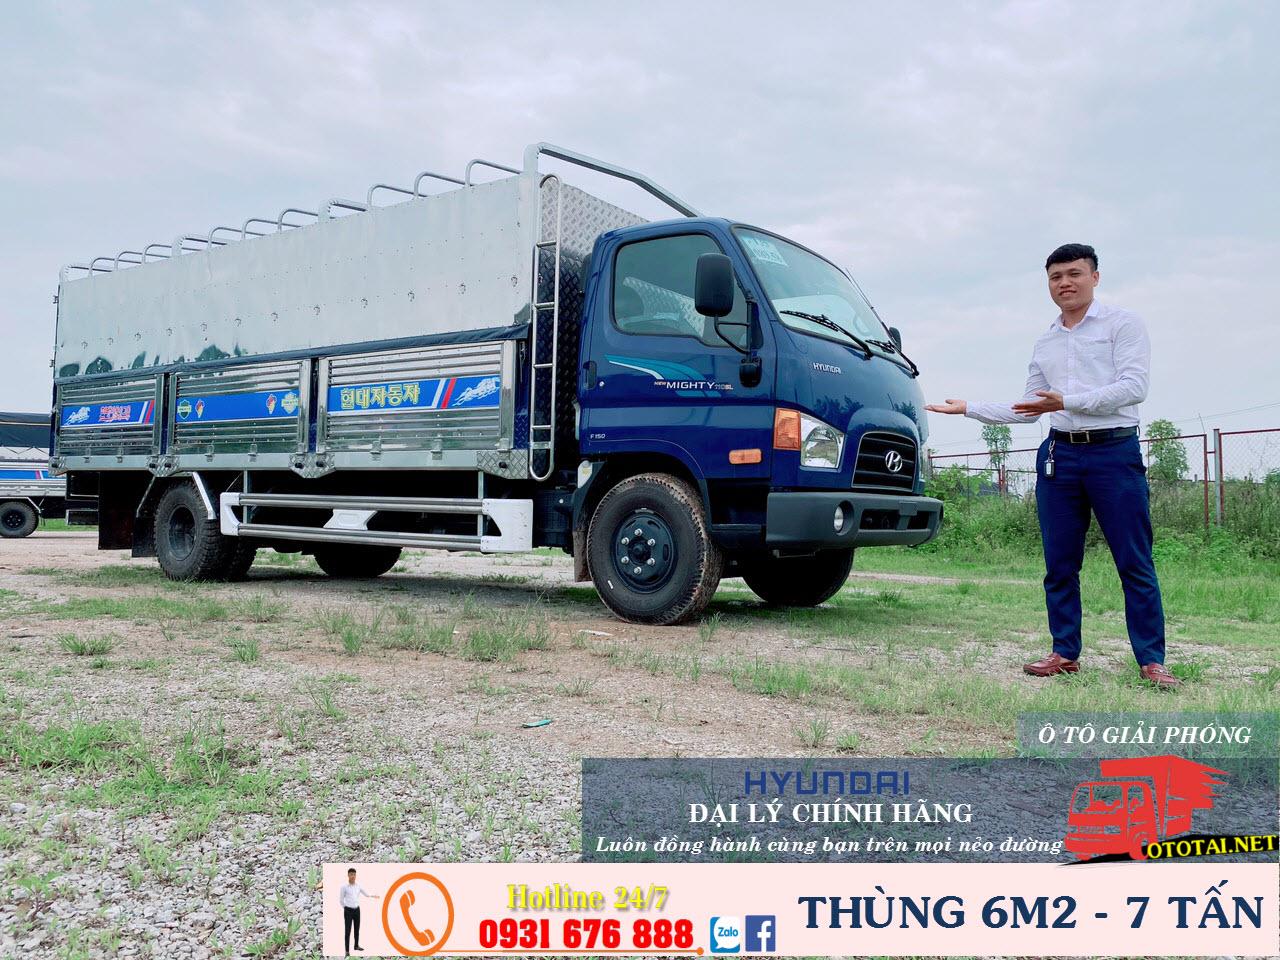 khuyến mại xe 110xl thung 6m2